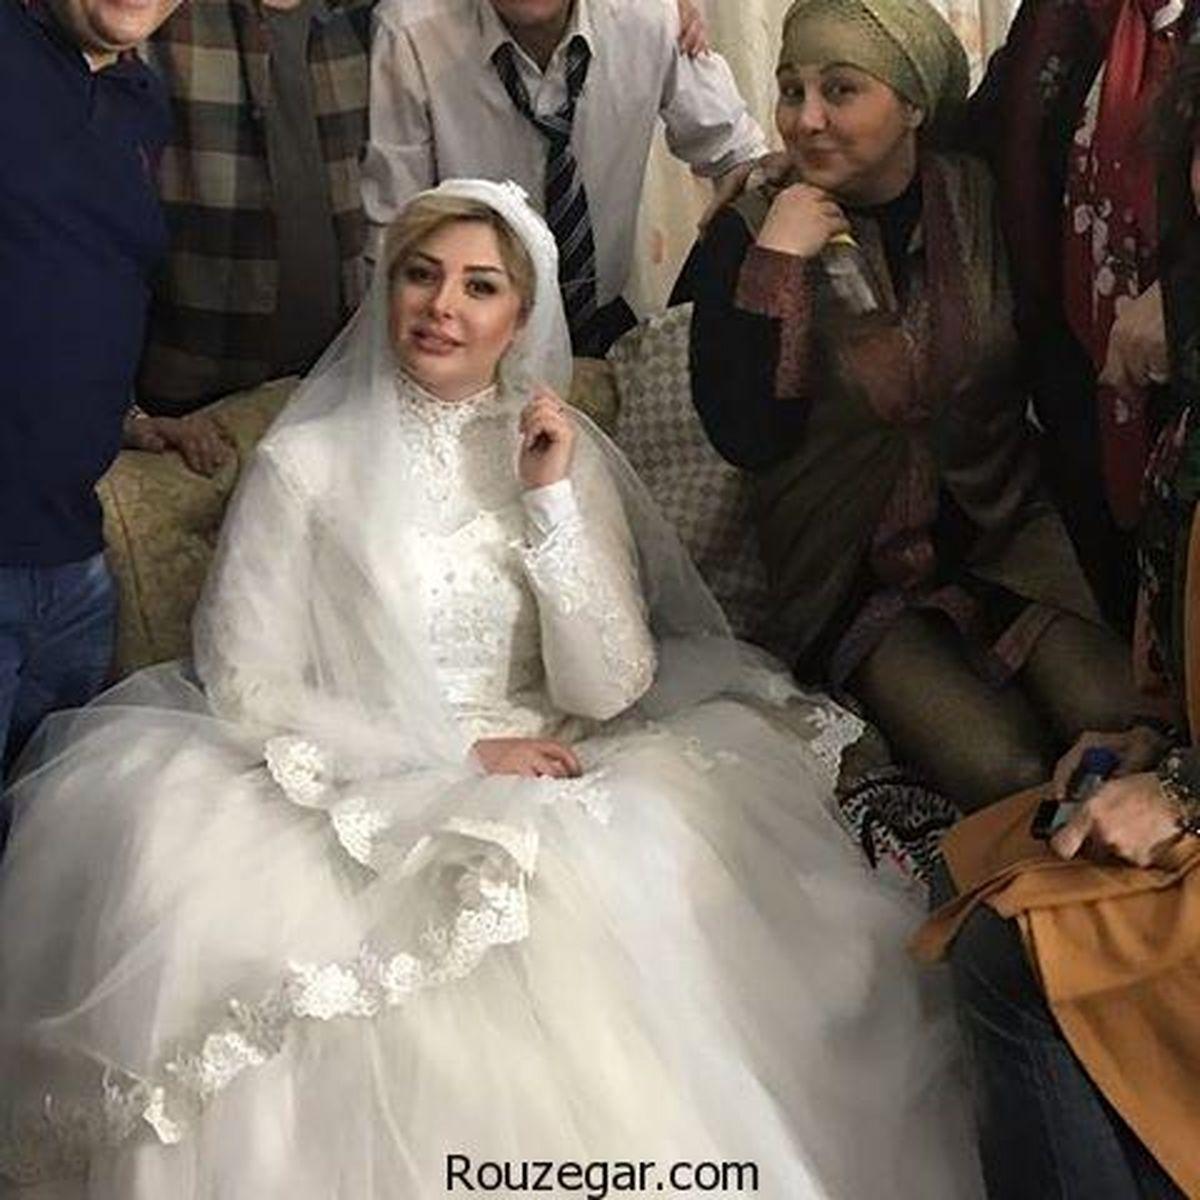 عکس های مراسم ازدواج نیوشا ضیغمی و همسرش لورفت + تصاویر دیده نشده